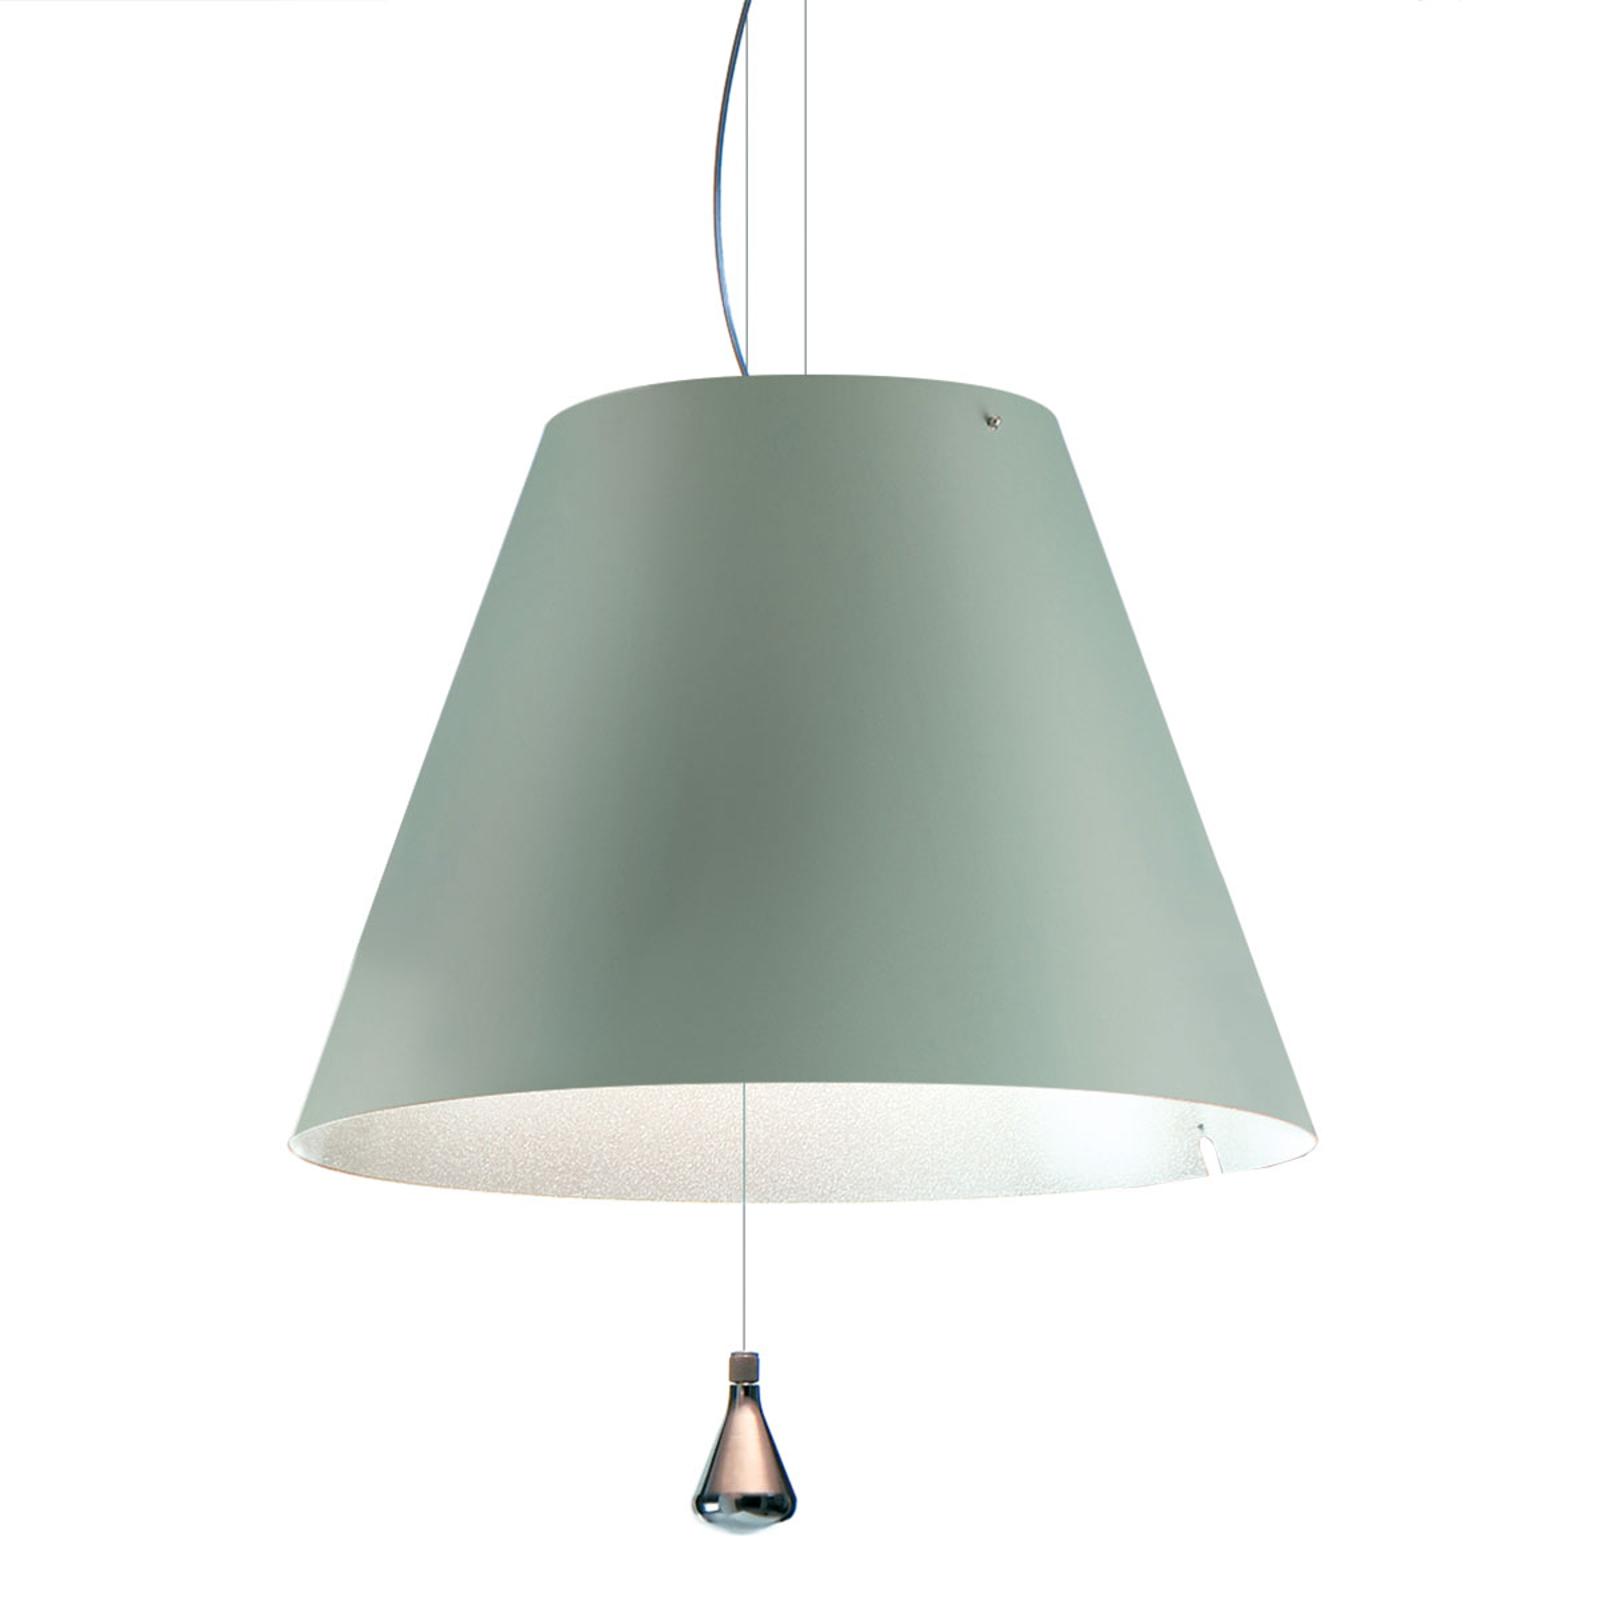 Luceplan Costanza hanglamp D13sas, groen